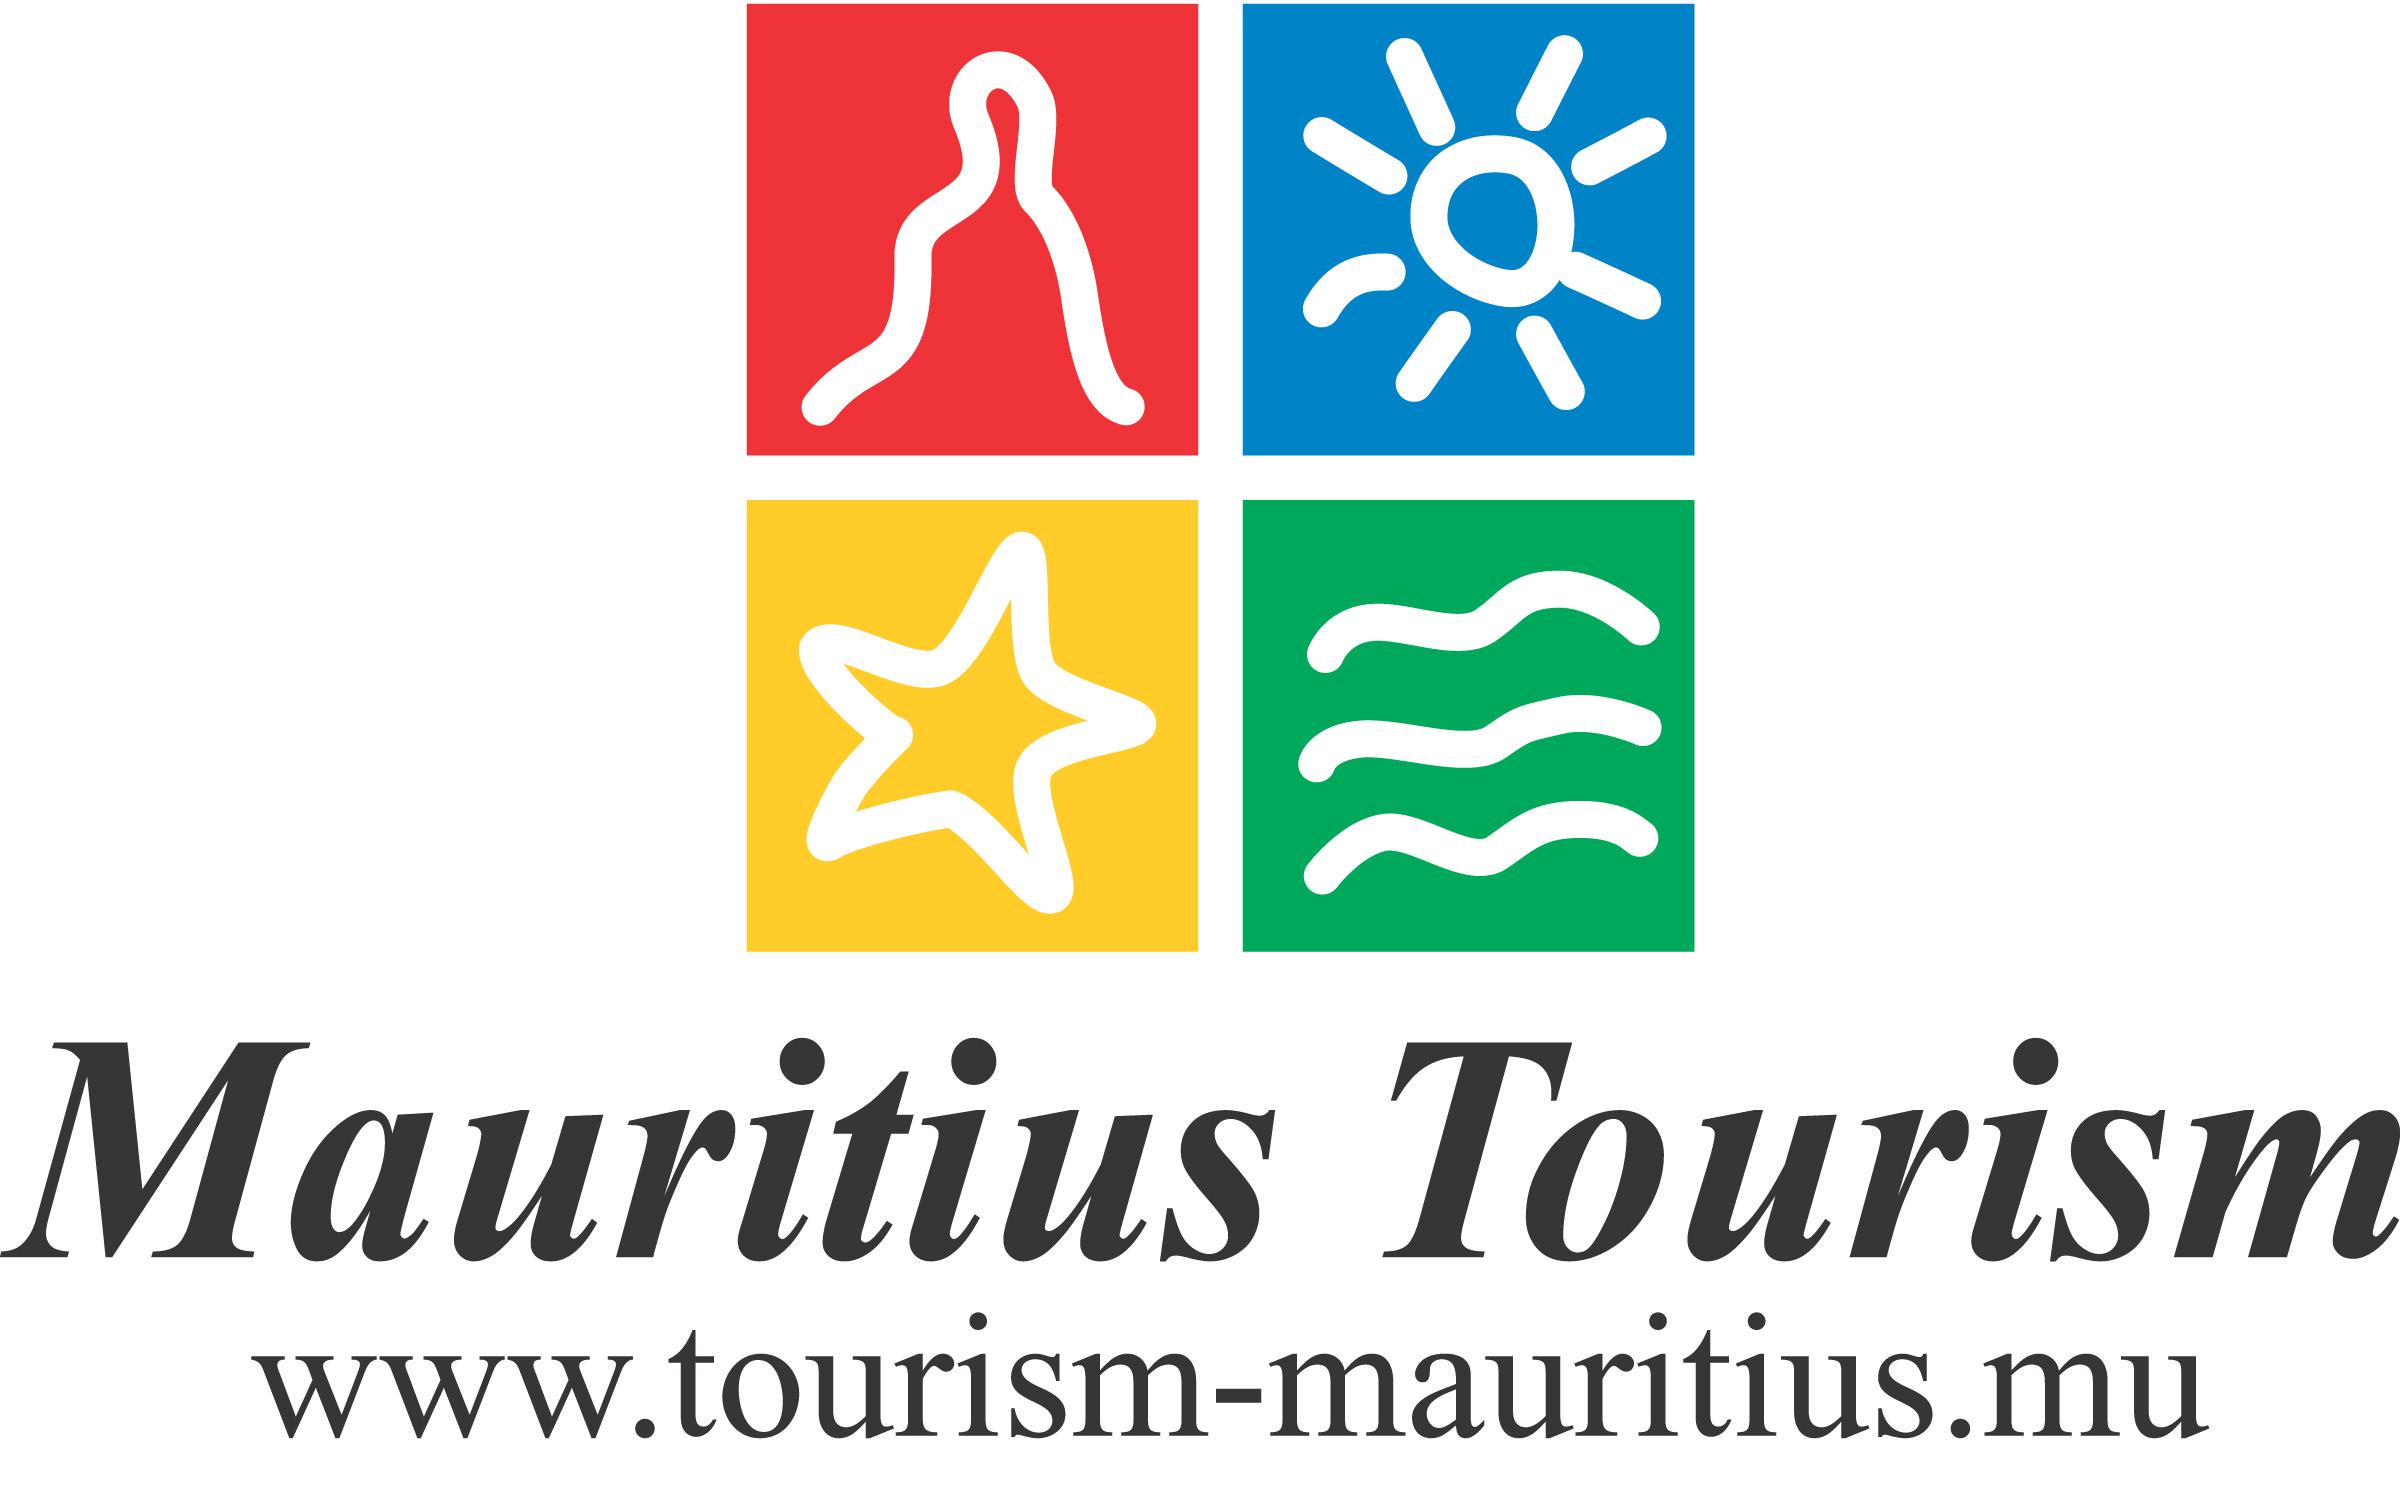 www.tourism-mauritius.mu